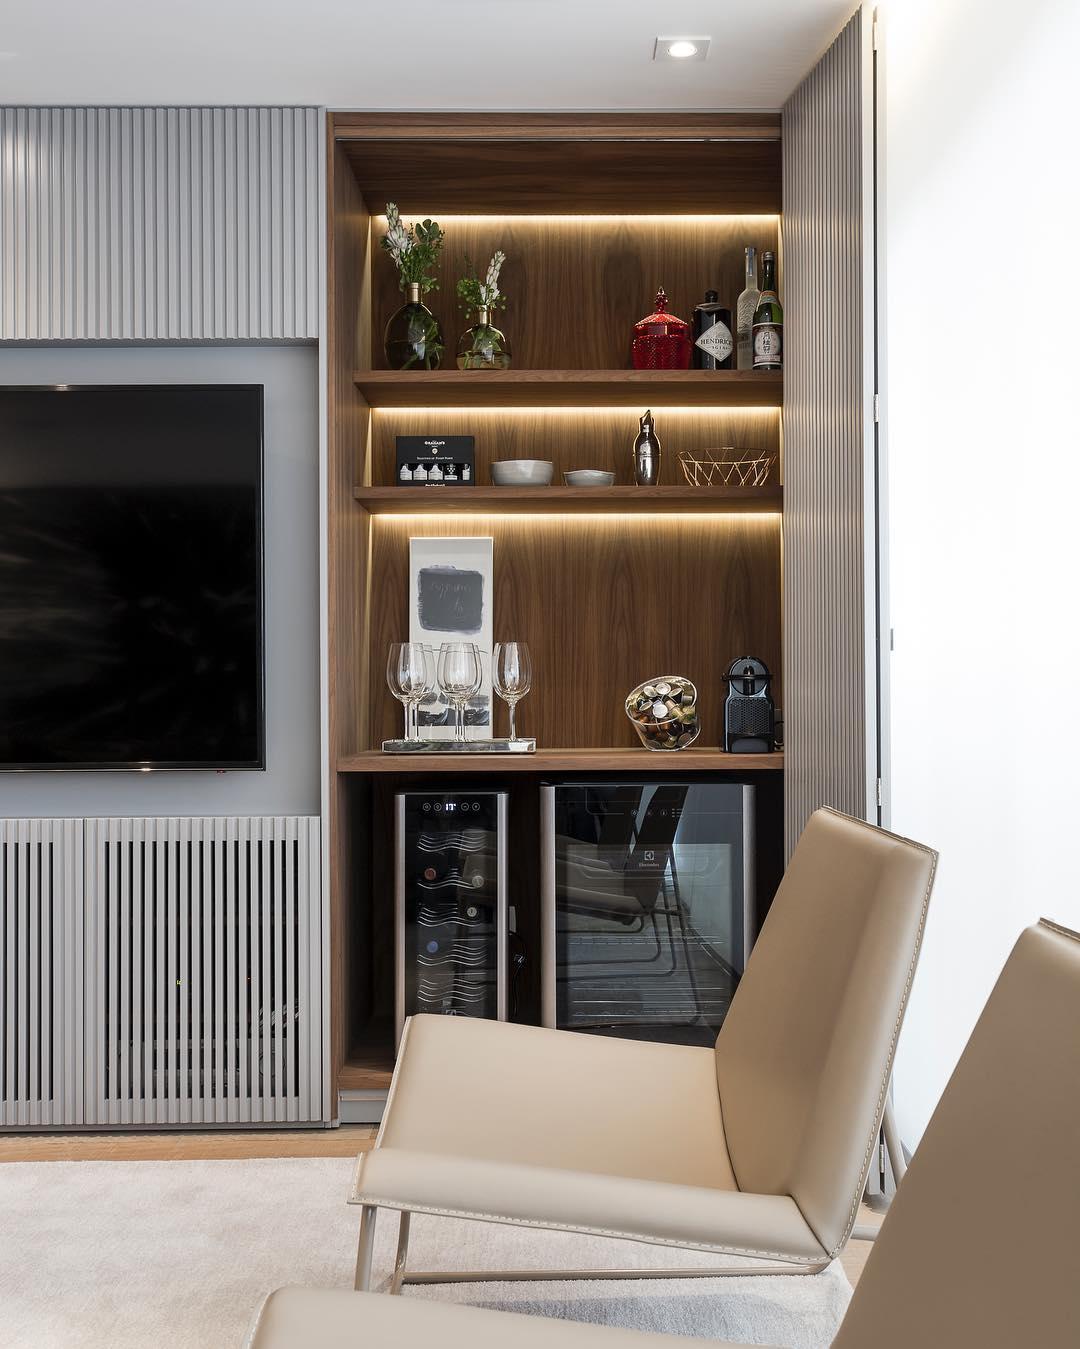 #474592 Bar de Parede 60 Modelos Projetos e Fotos Incríveis 1080x1349 píxeis em Bar Moderno Para Sala De Estar Imbutido